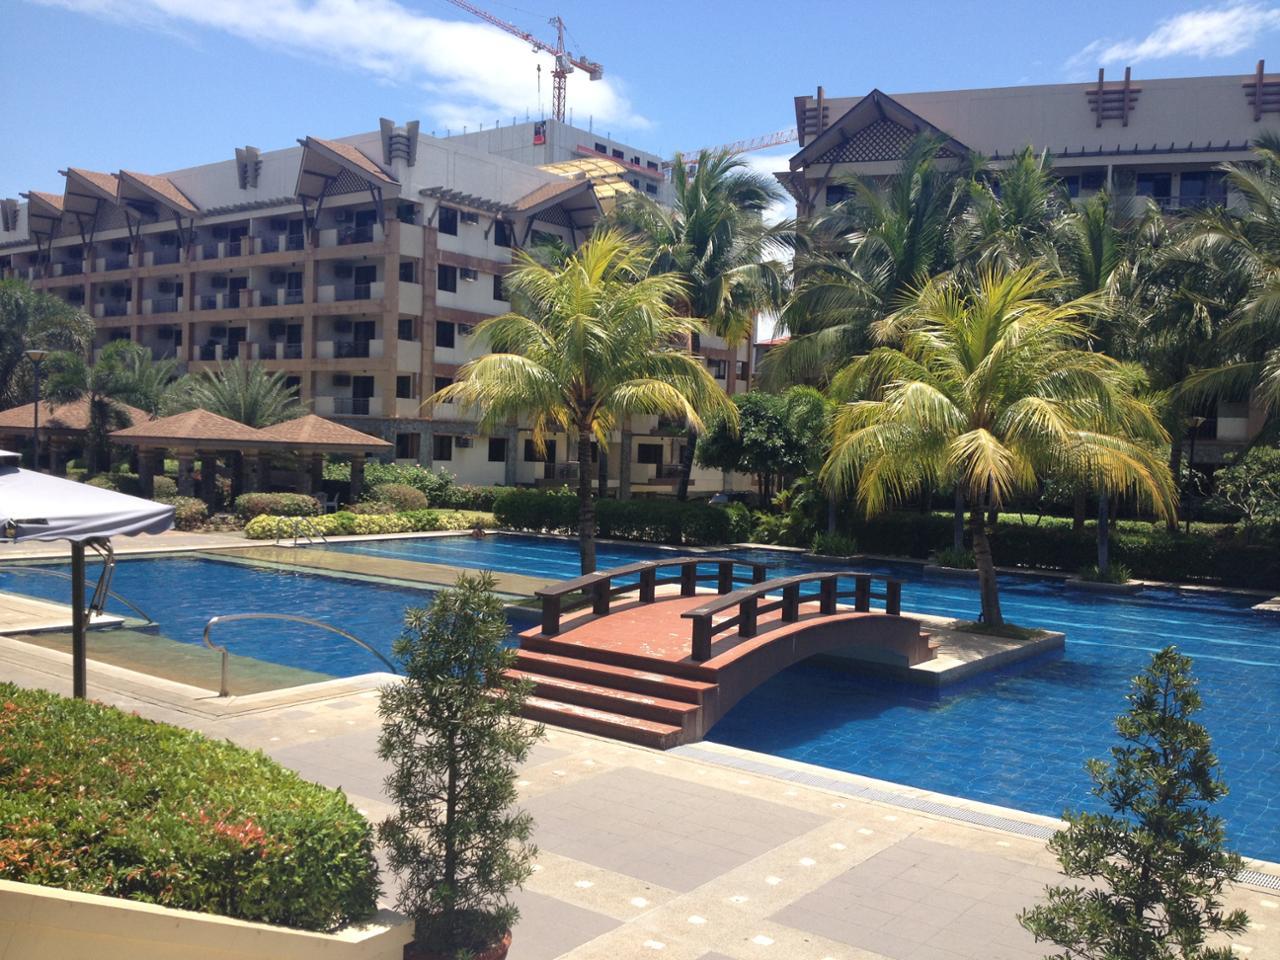 Condominium For Rent in Alabang-zapote Rd., Las Pinas City, Las Piñas, Ncr